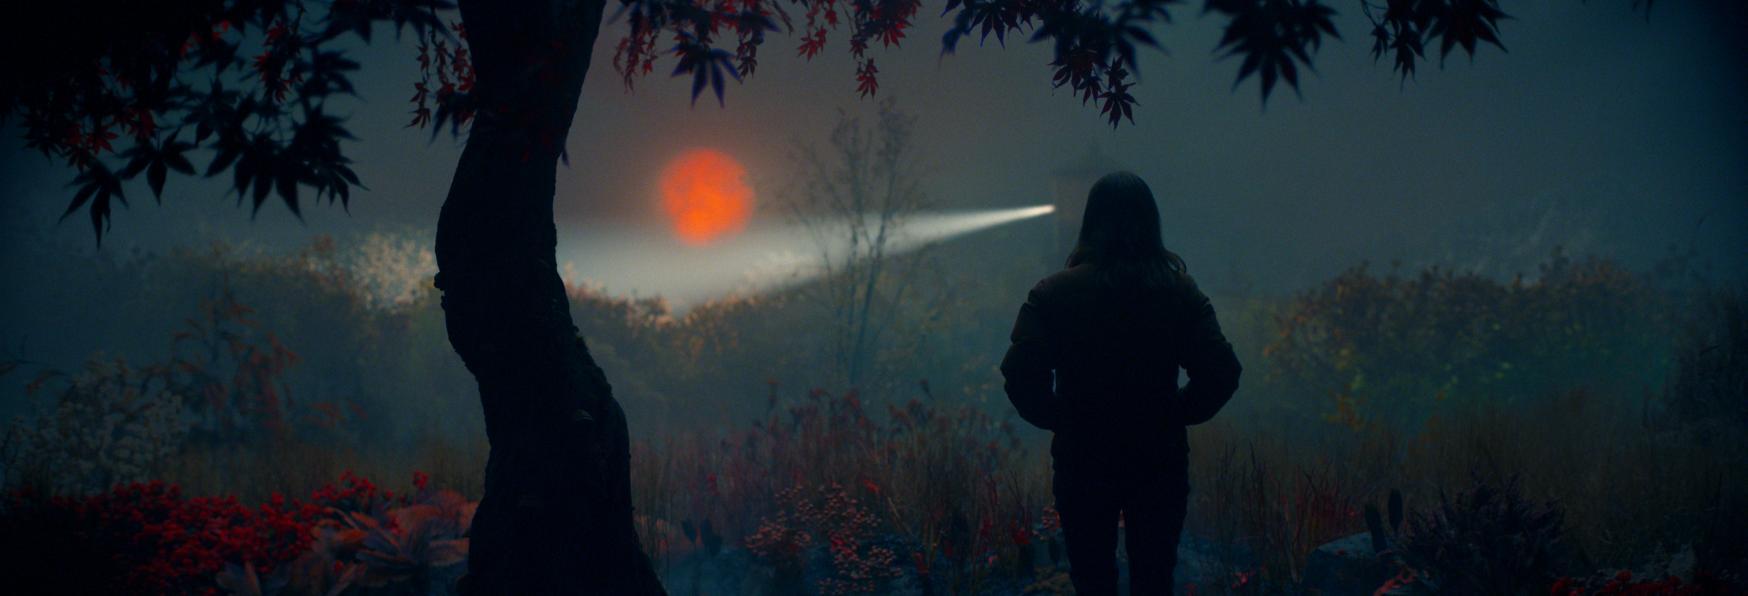 La Storia di Lisey: il Trailer della nuova Miniserie Apple di Stephen King